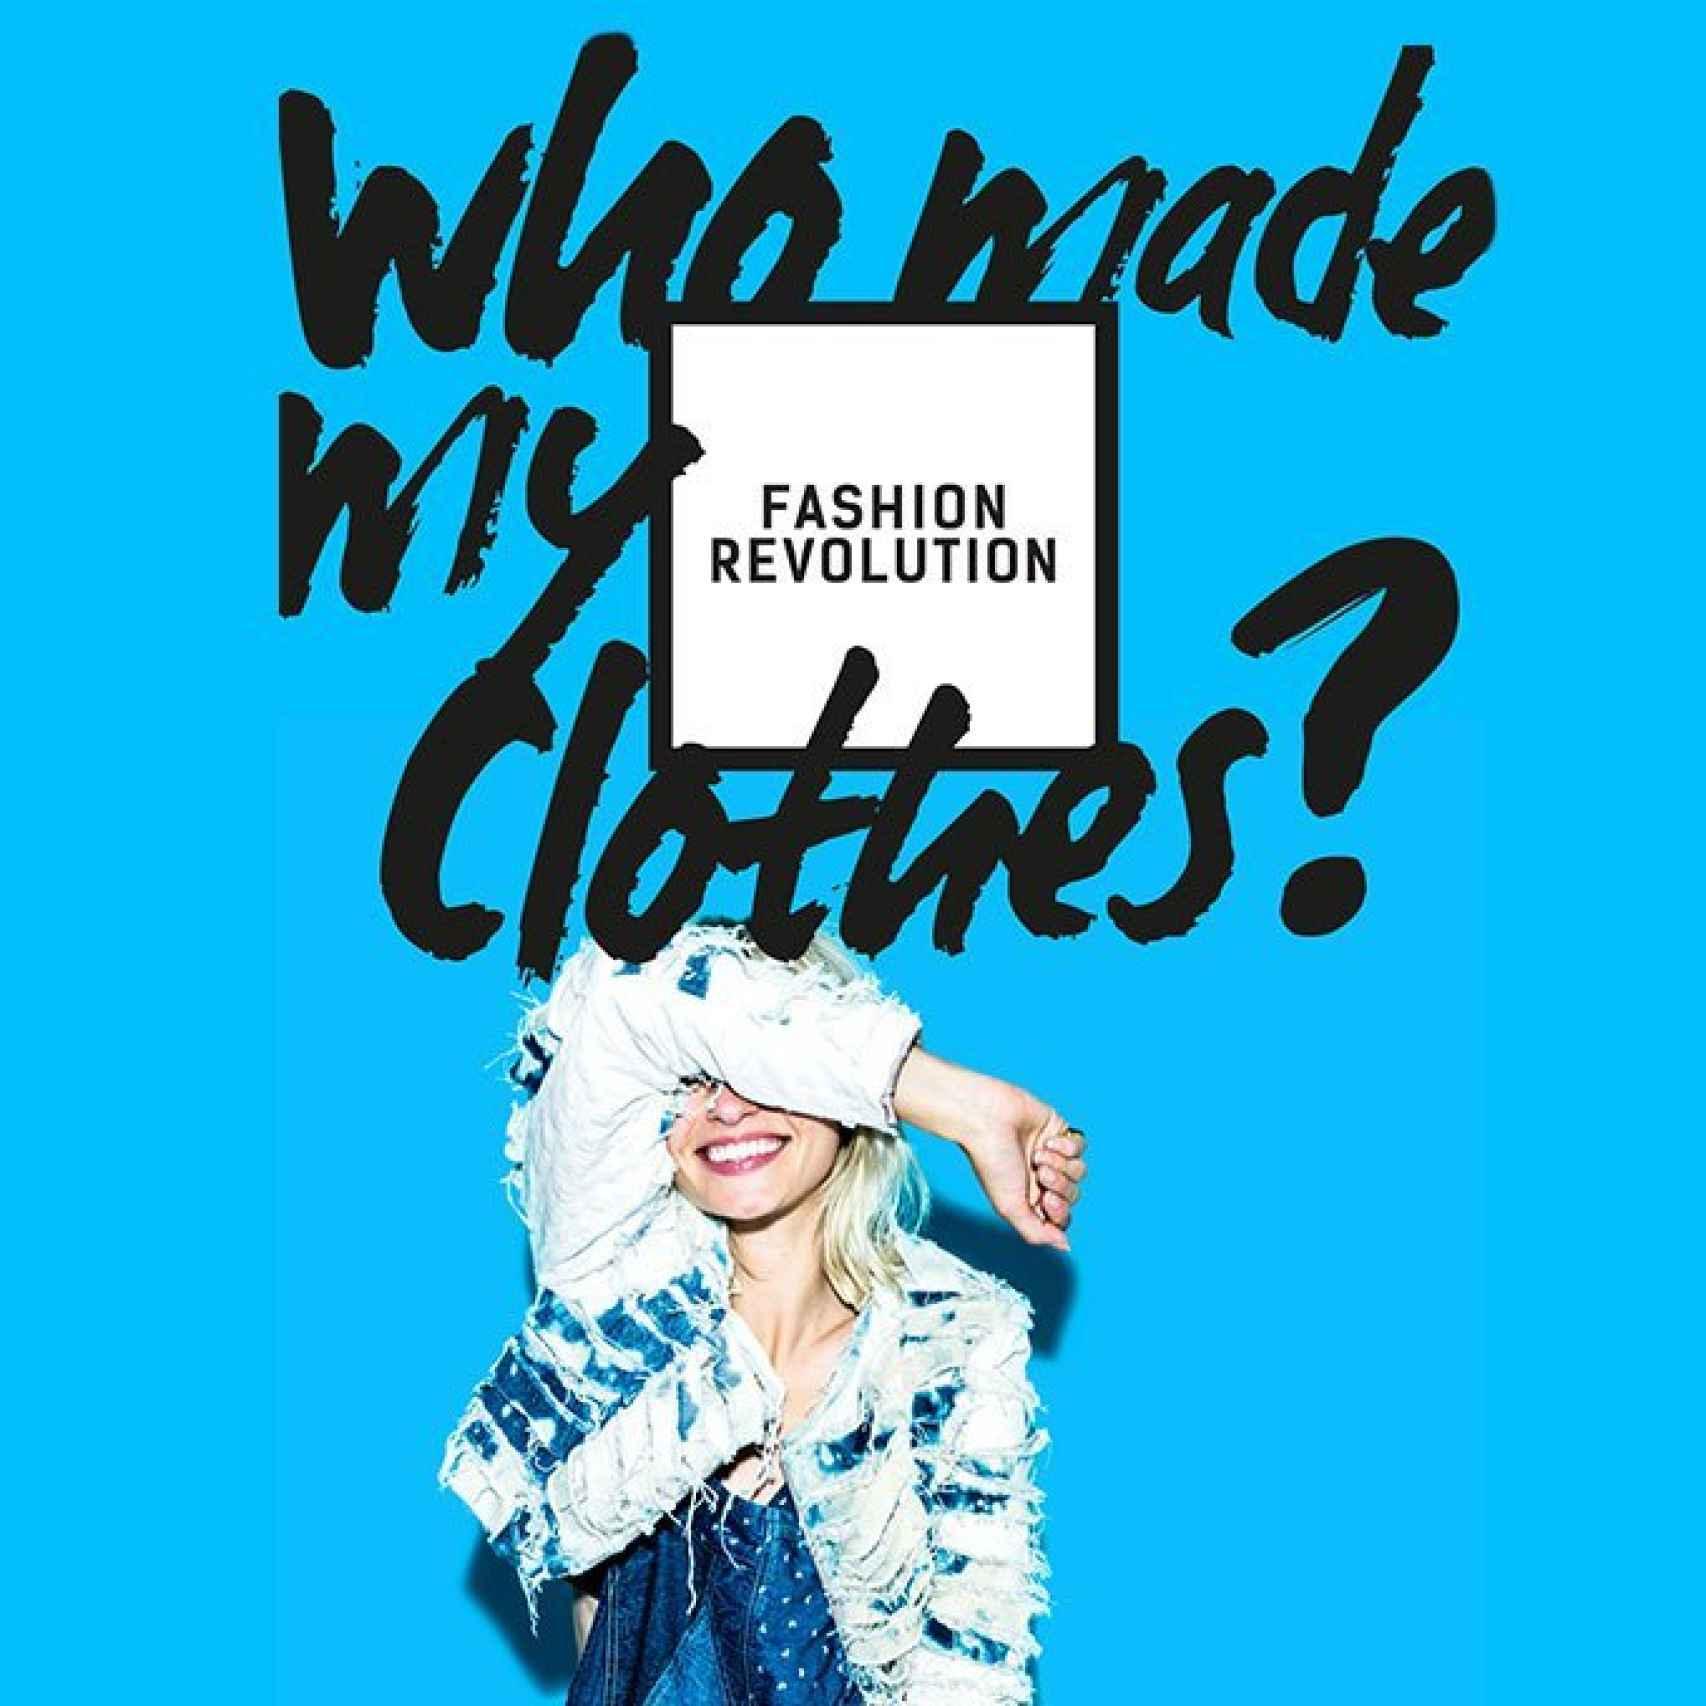 Cartel con el lema del movimiento Fashion Revolution.